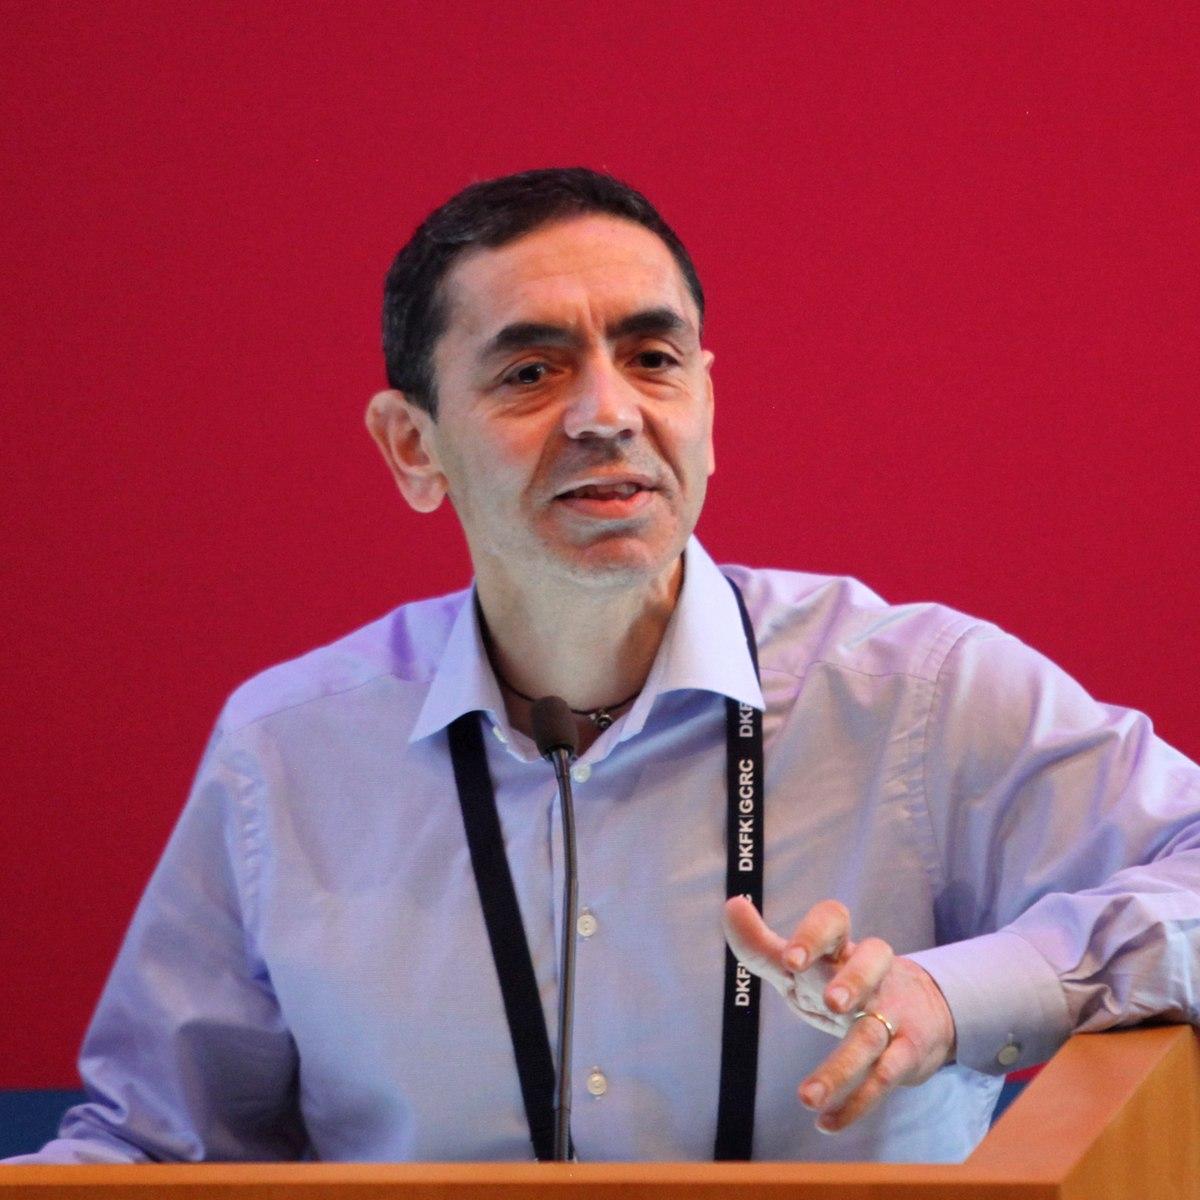 Ugur Sahin Wikipedia